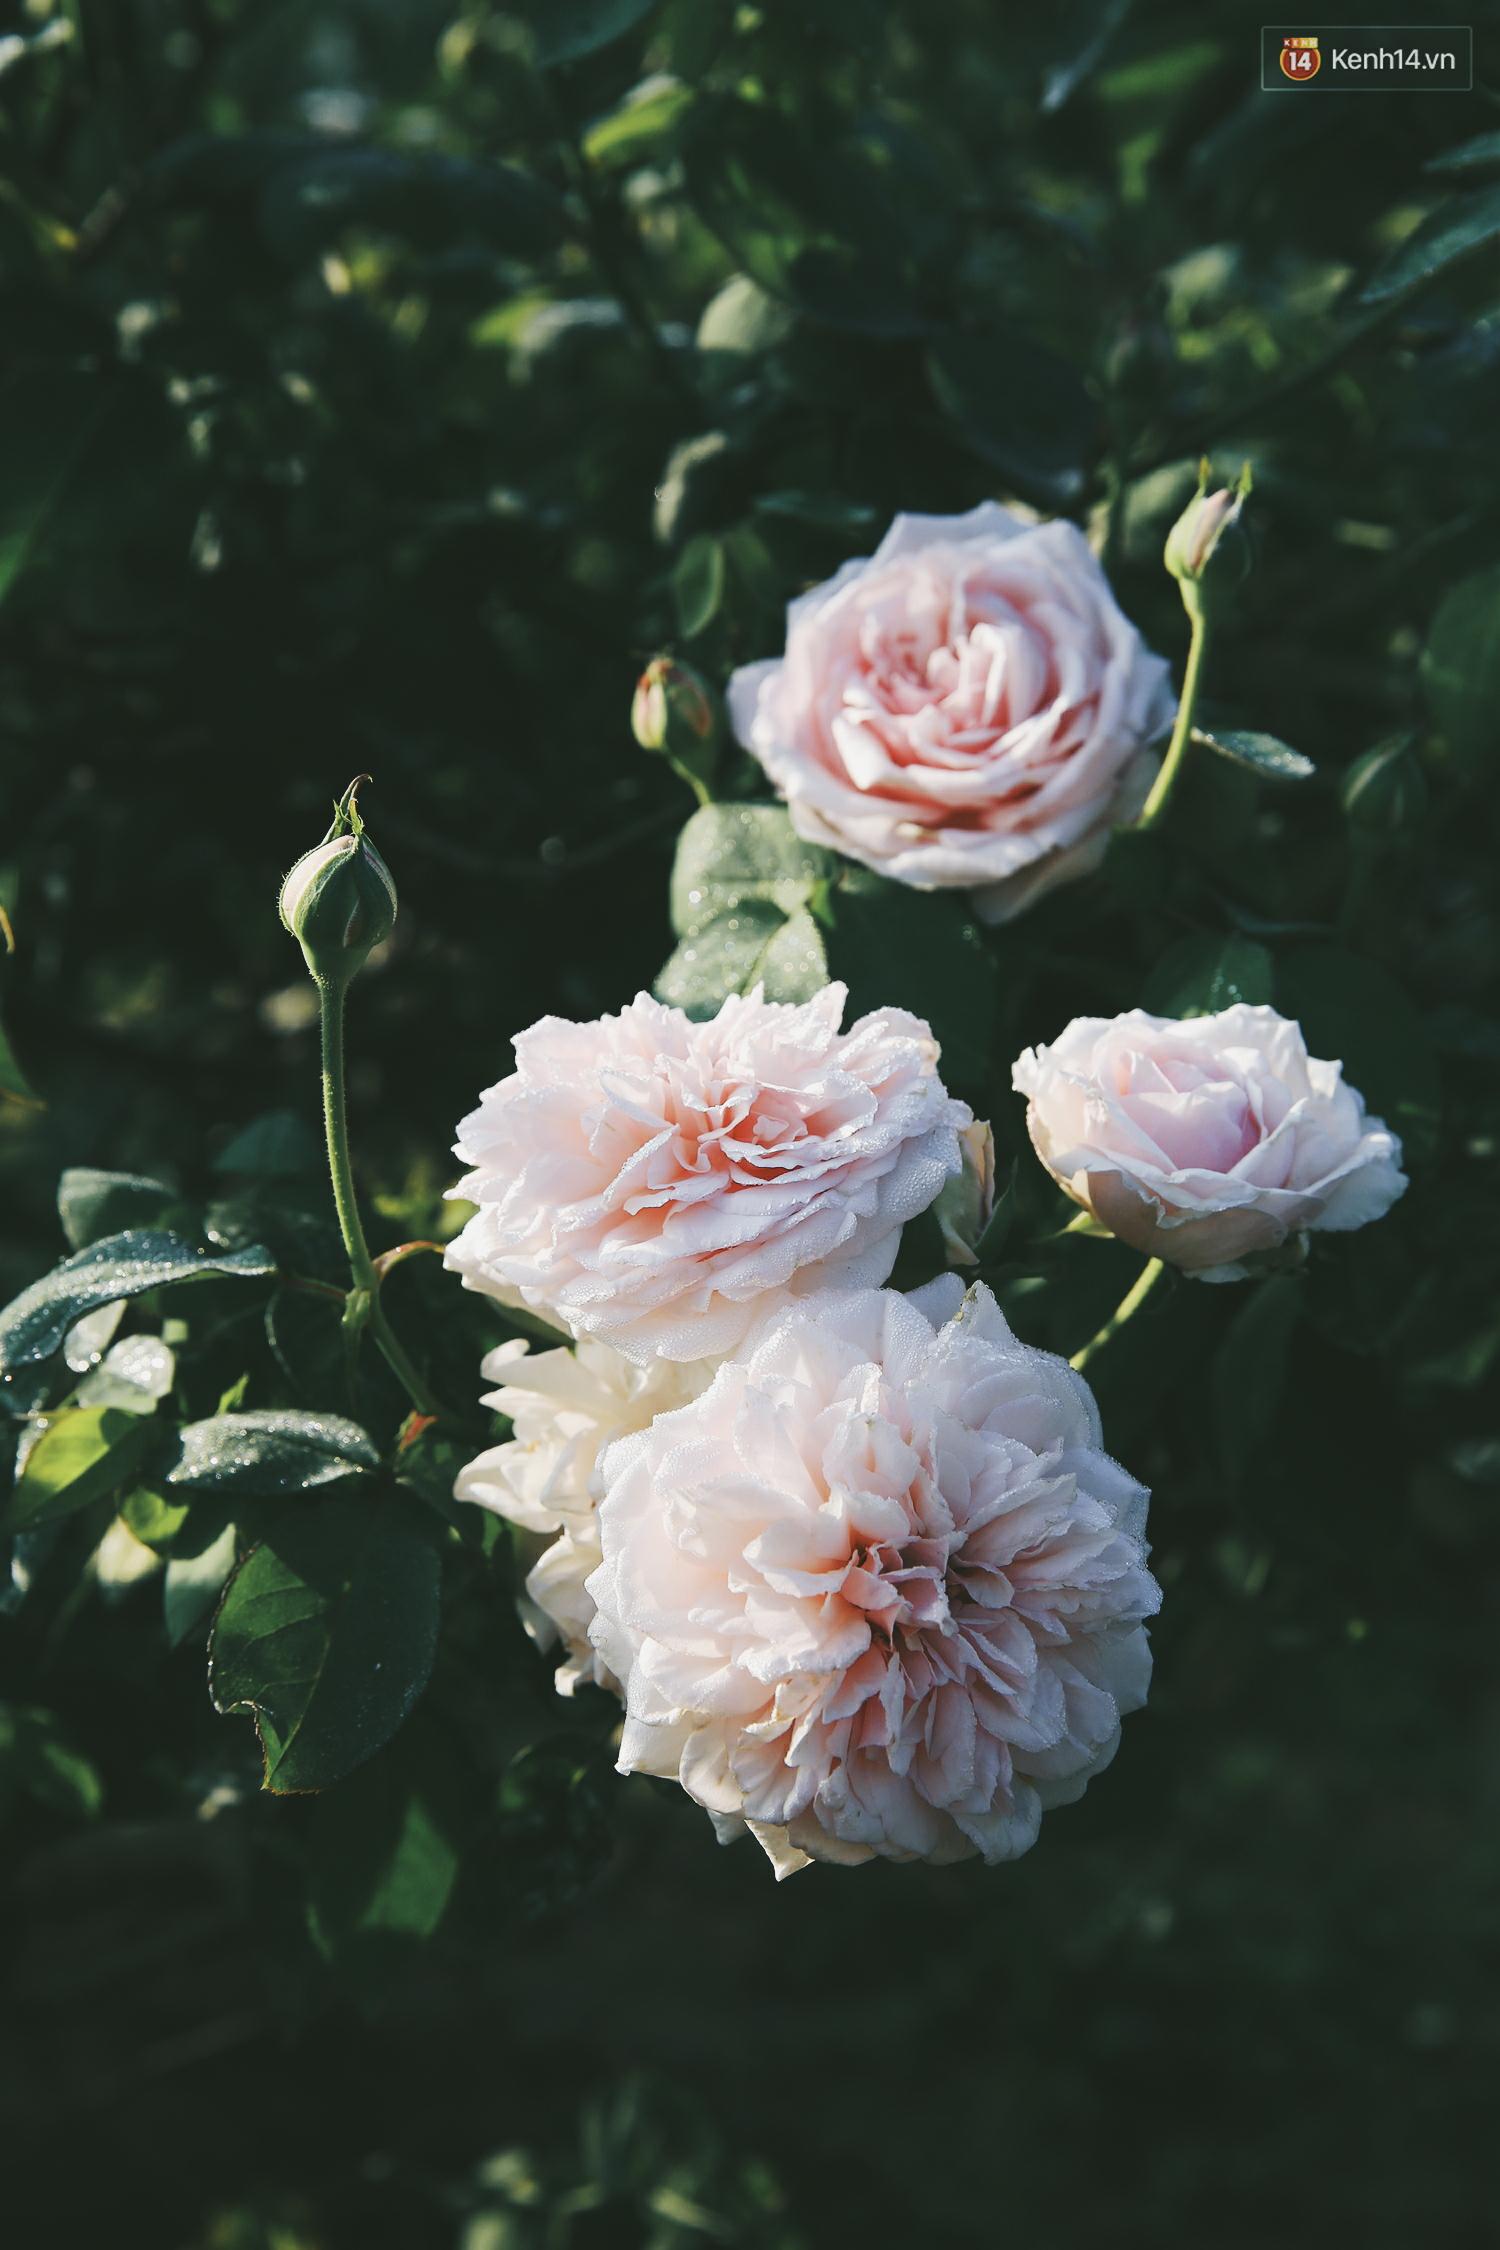 Cô gái trẻ sở hữu khu vườn 5.000m2 với hàng nghìn hoa hồng quý hiếm, đắt đỏ tại Hà Nội - Ảnh 6.